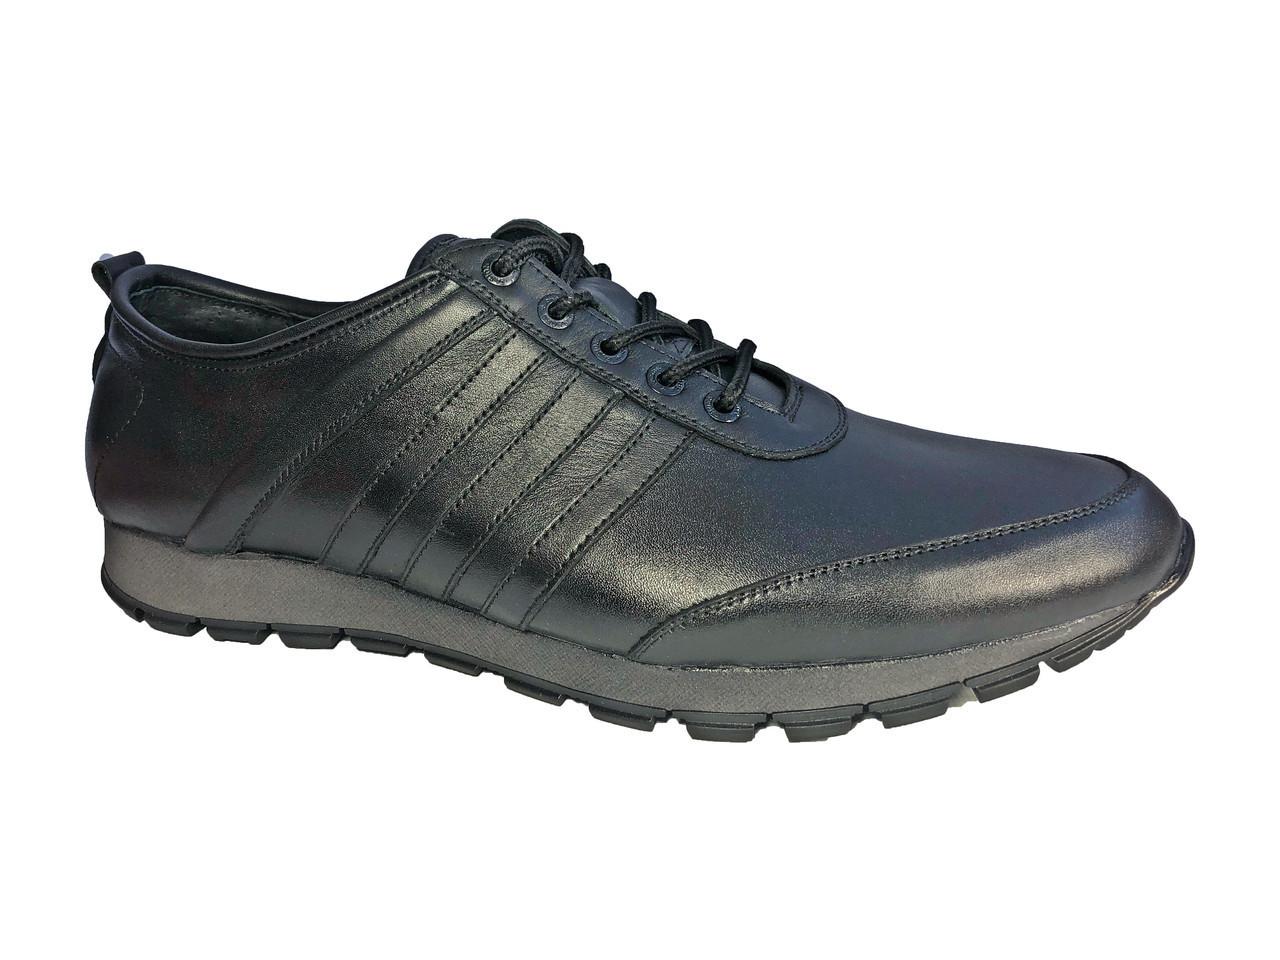 b0d79c1d Кроссовки мужские 48 размера черные модель К-6 - BigBoss-производитель мужской  обуви 40